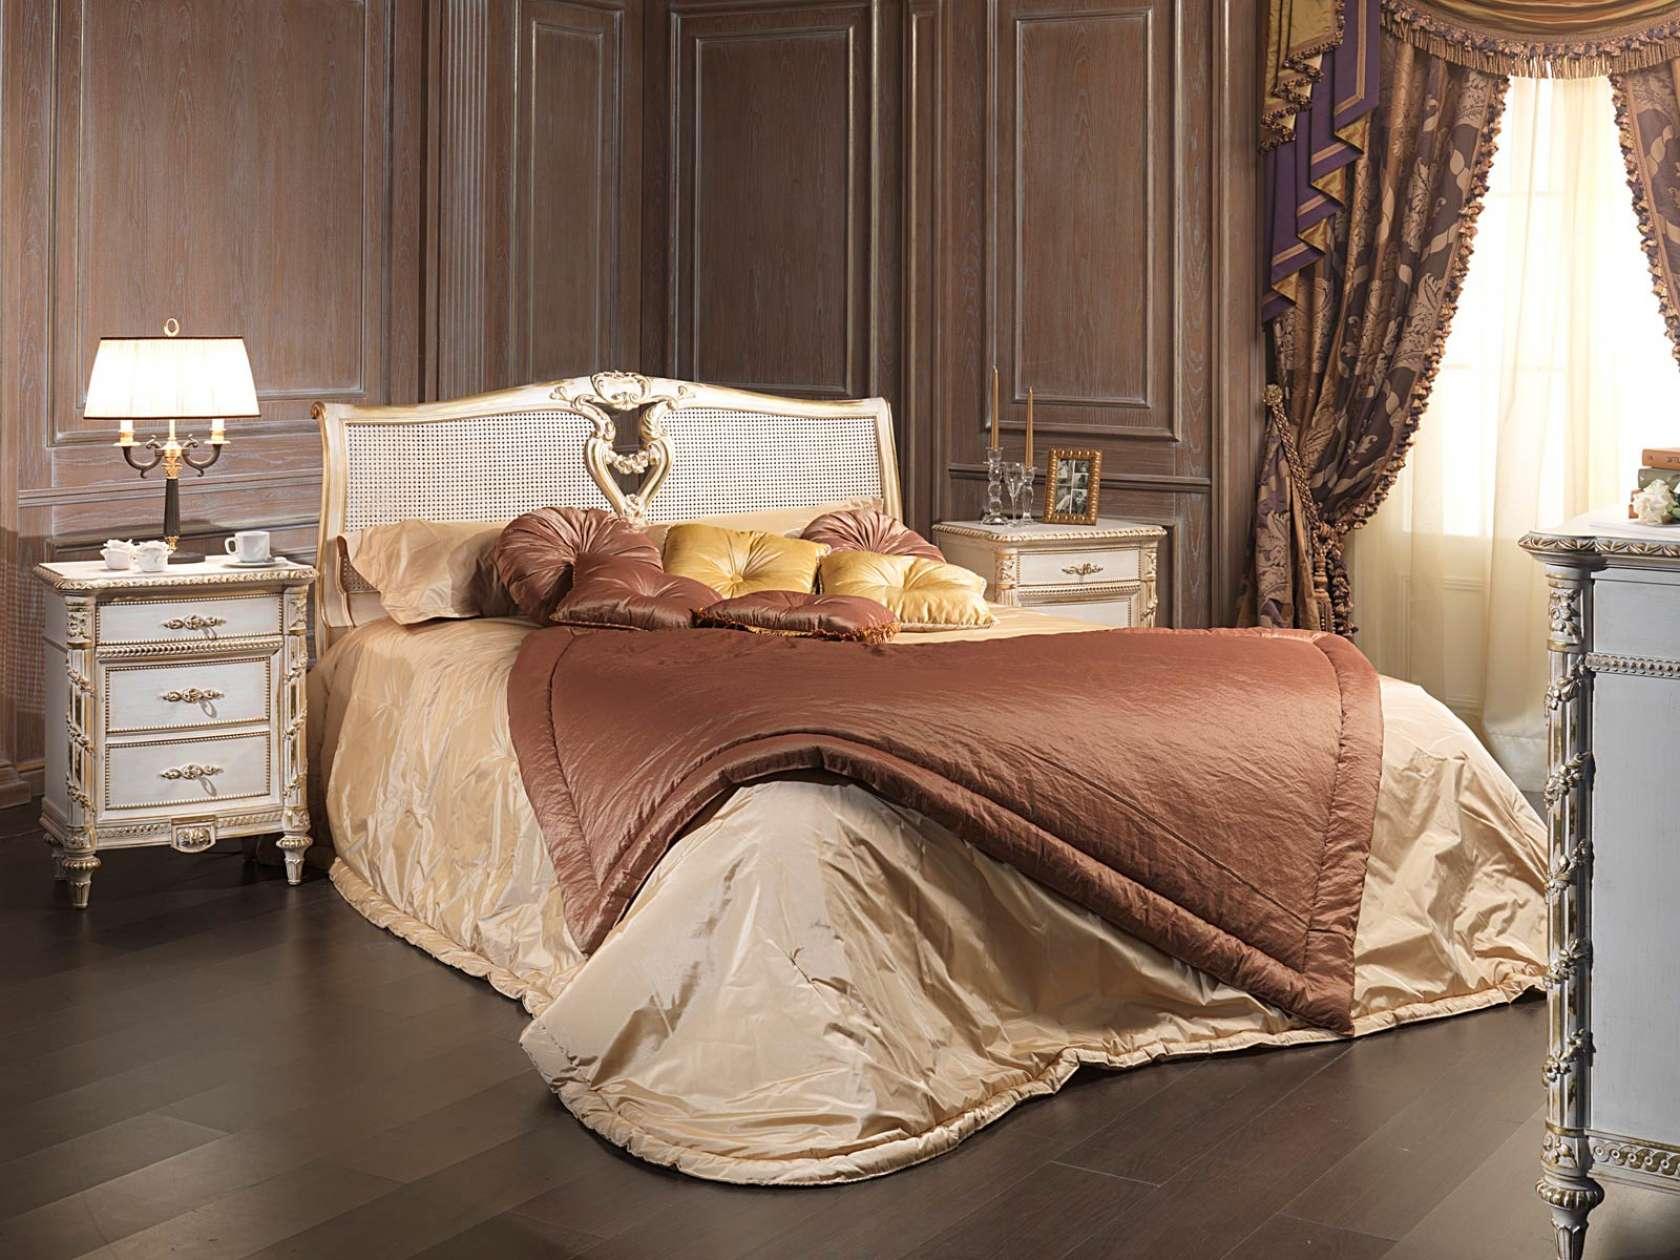 Modele Cuisine Castorama : Chambre à coucher classique dans le style Louis XVI, lit avec tête